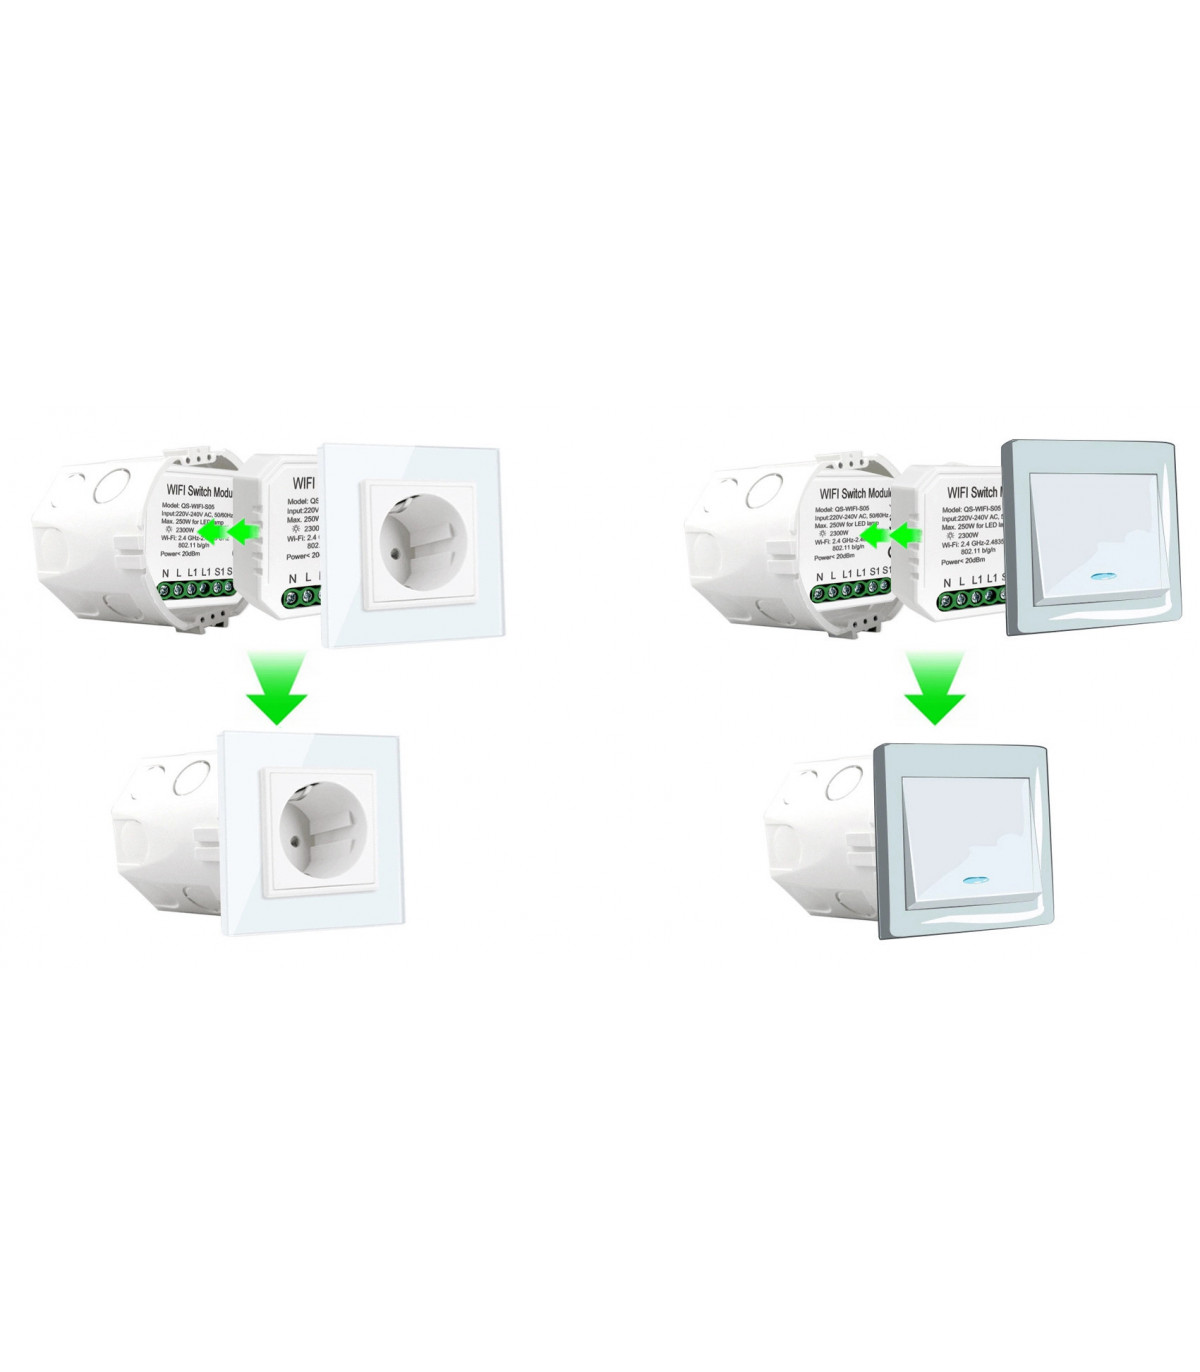 Przekaźnik WiFi do puszki 2300W TUYA